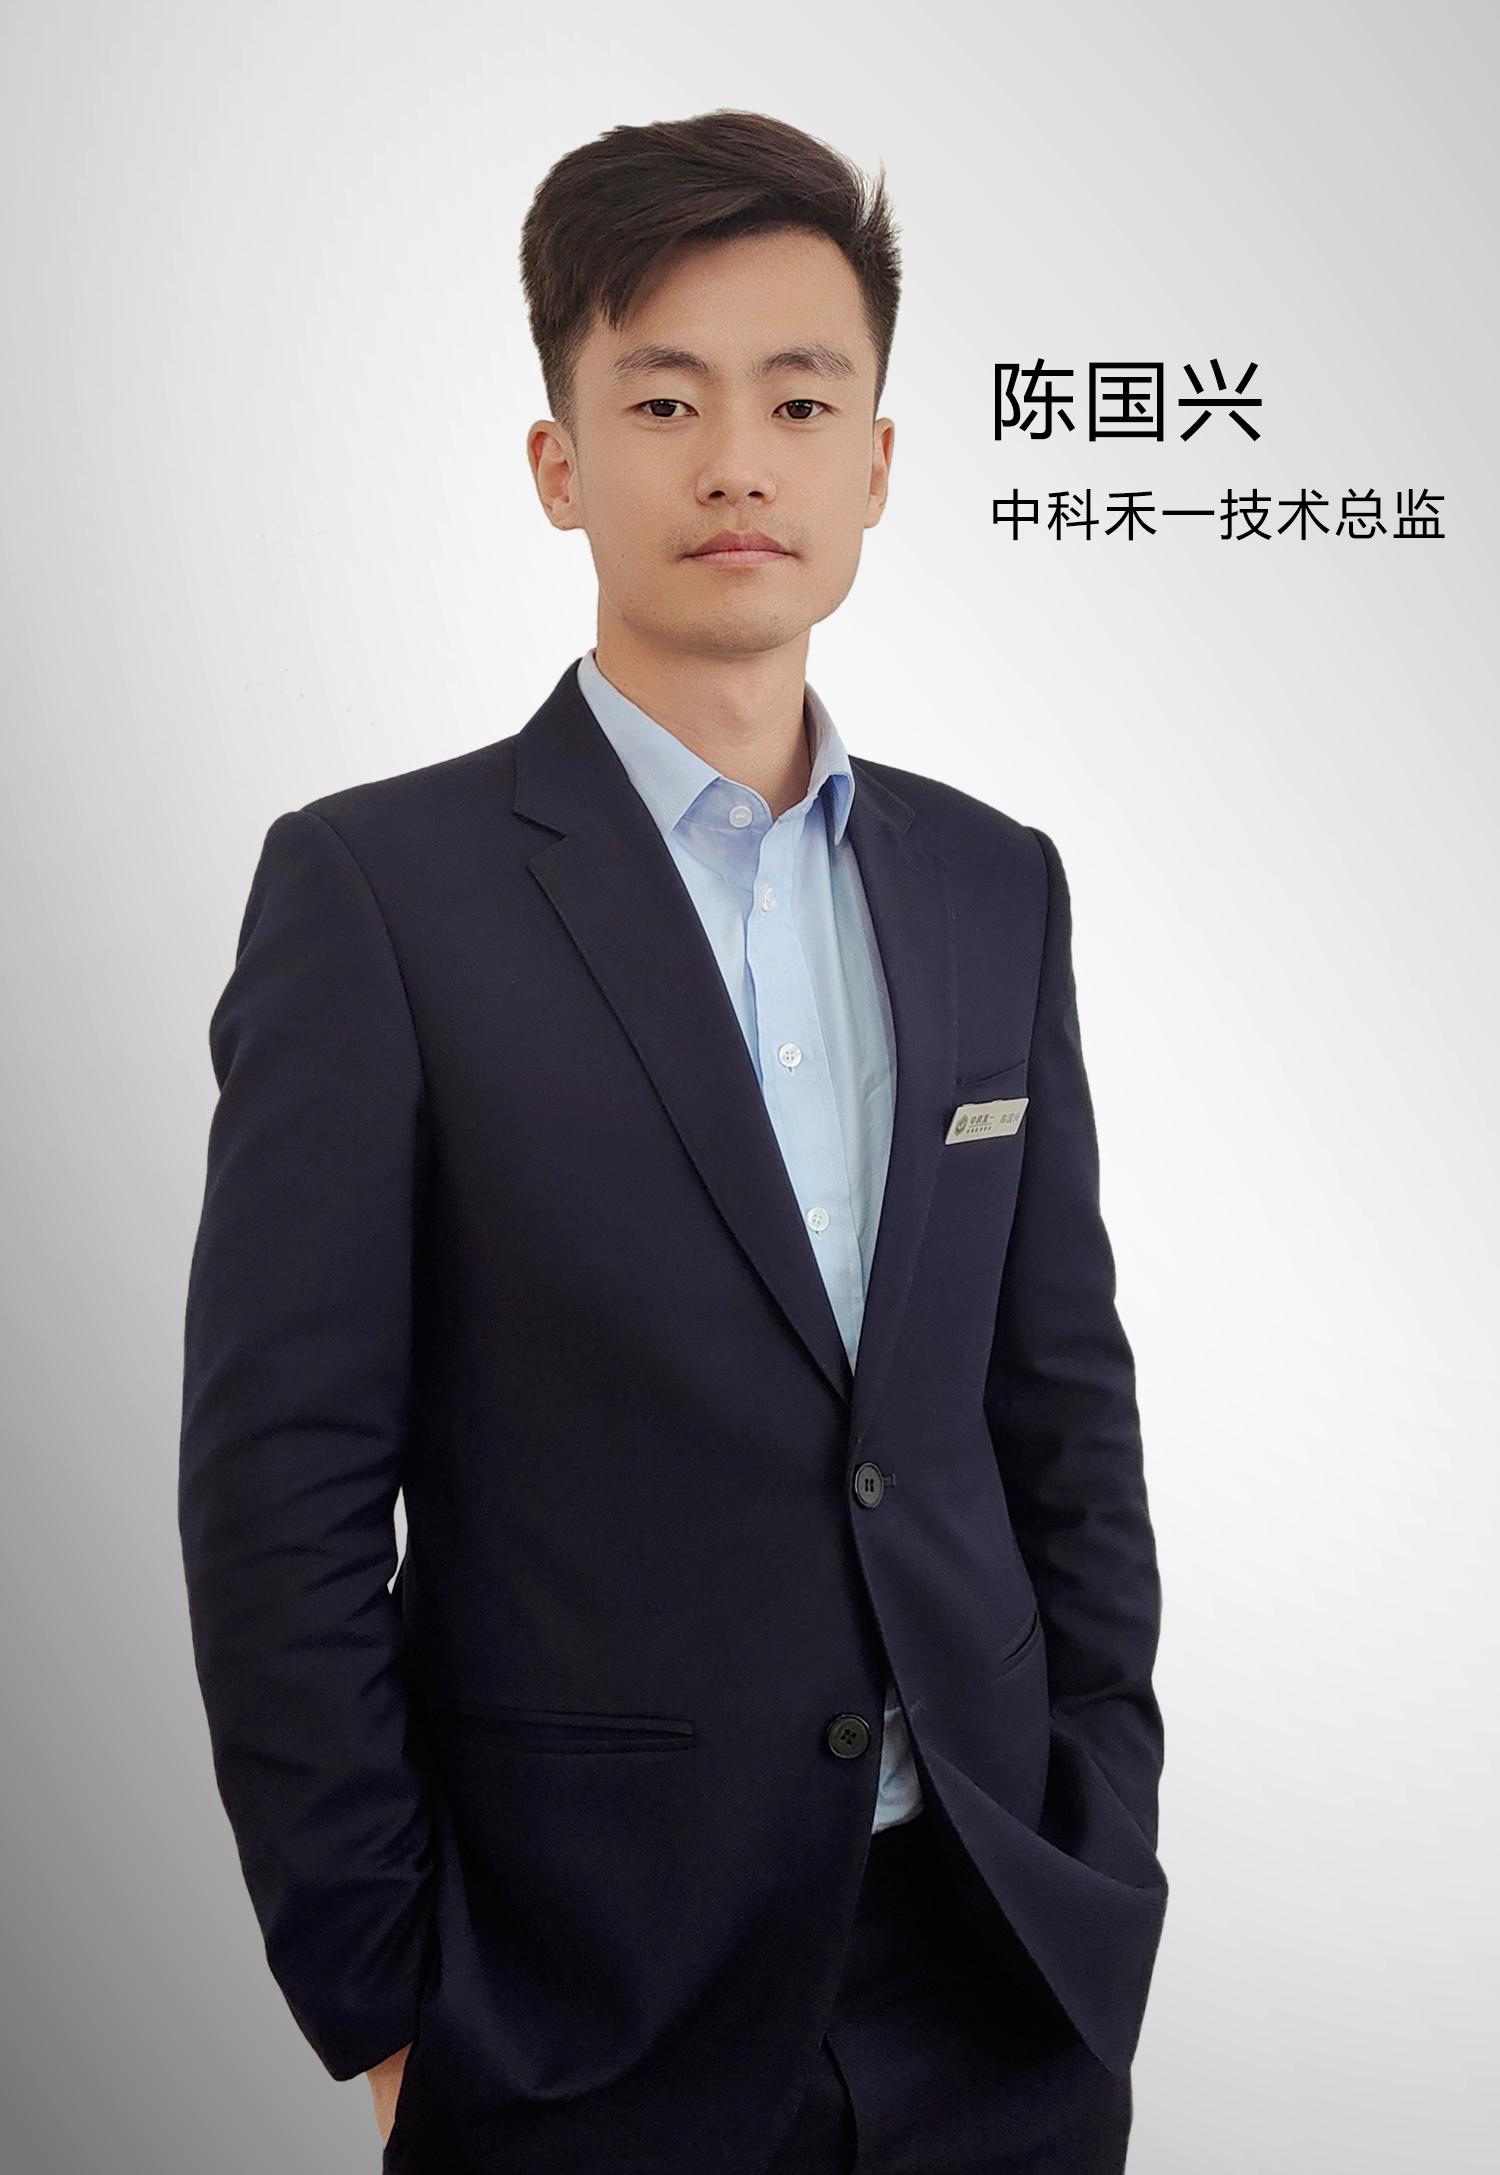 技術總監 陳國興